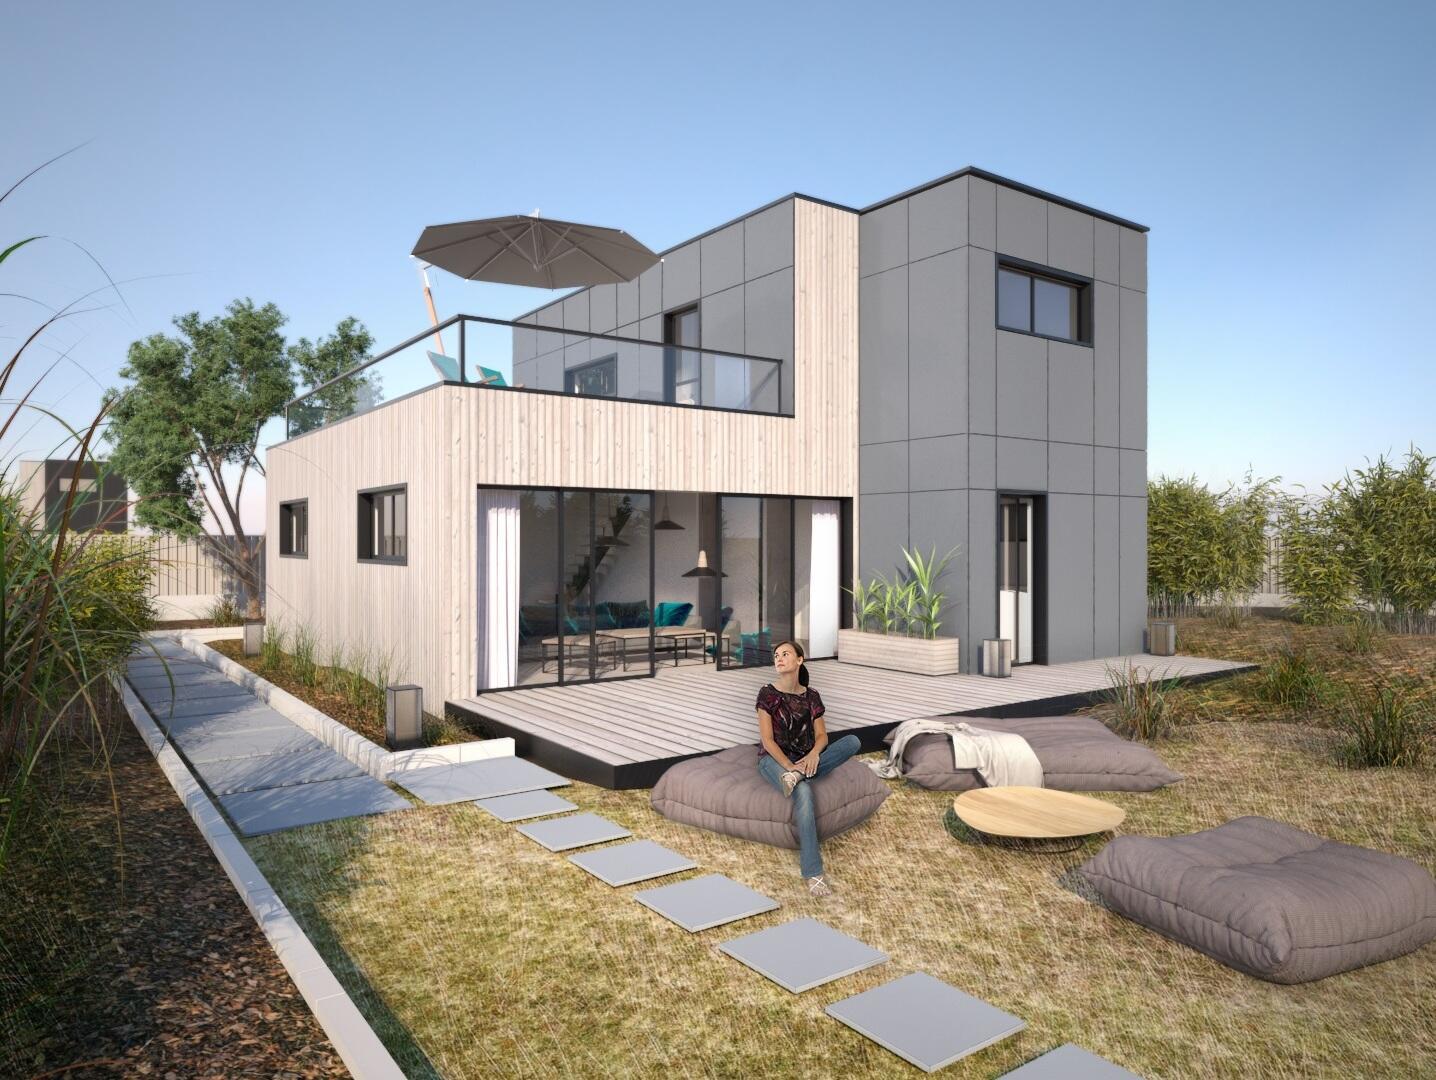 Espace Construction Yffiniac Avis e-loft - constructeur yffiniac | ouestfrance-immo